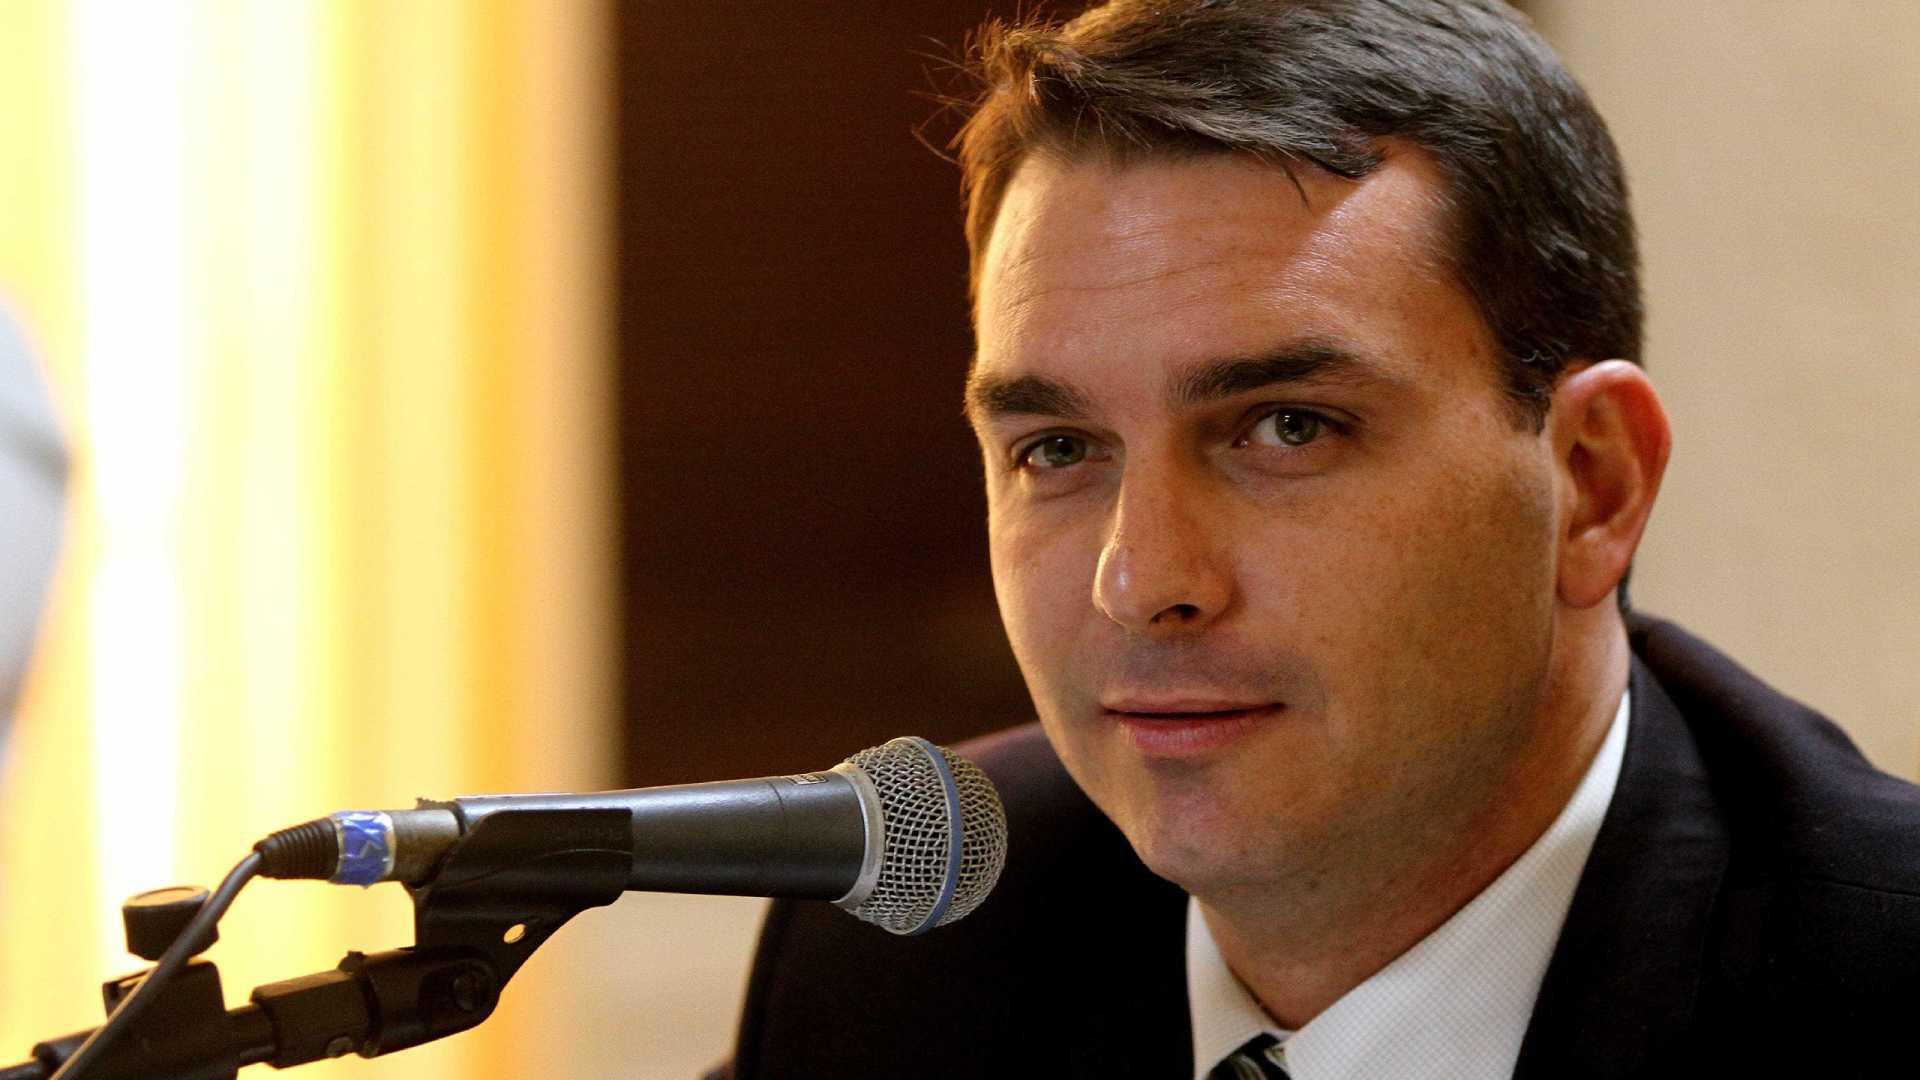 Marco Aurélio libera MP do Rio a investigar Flávio Bolsonaro